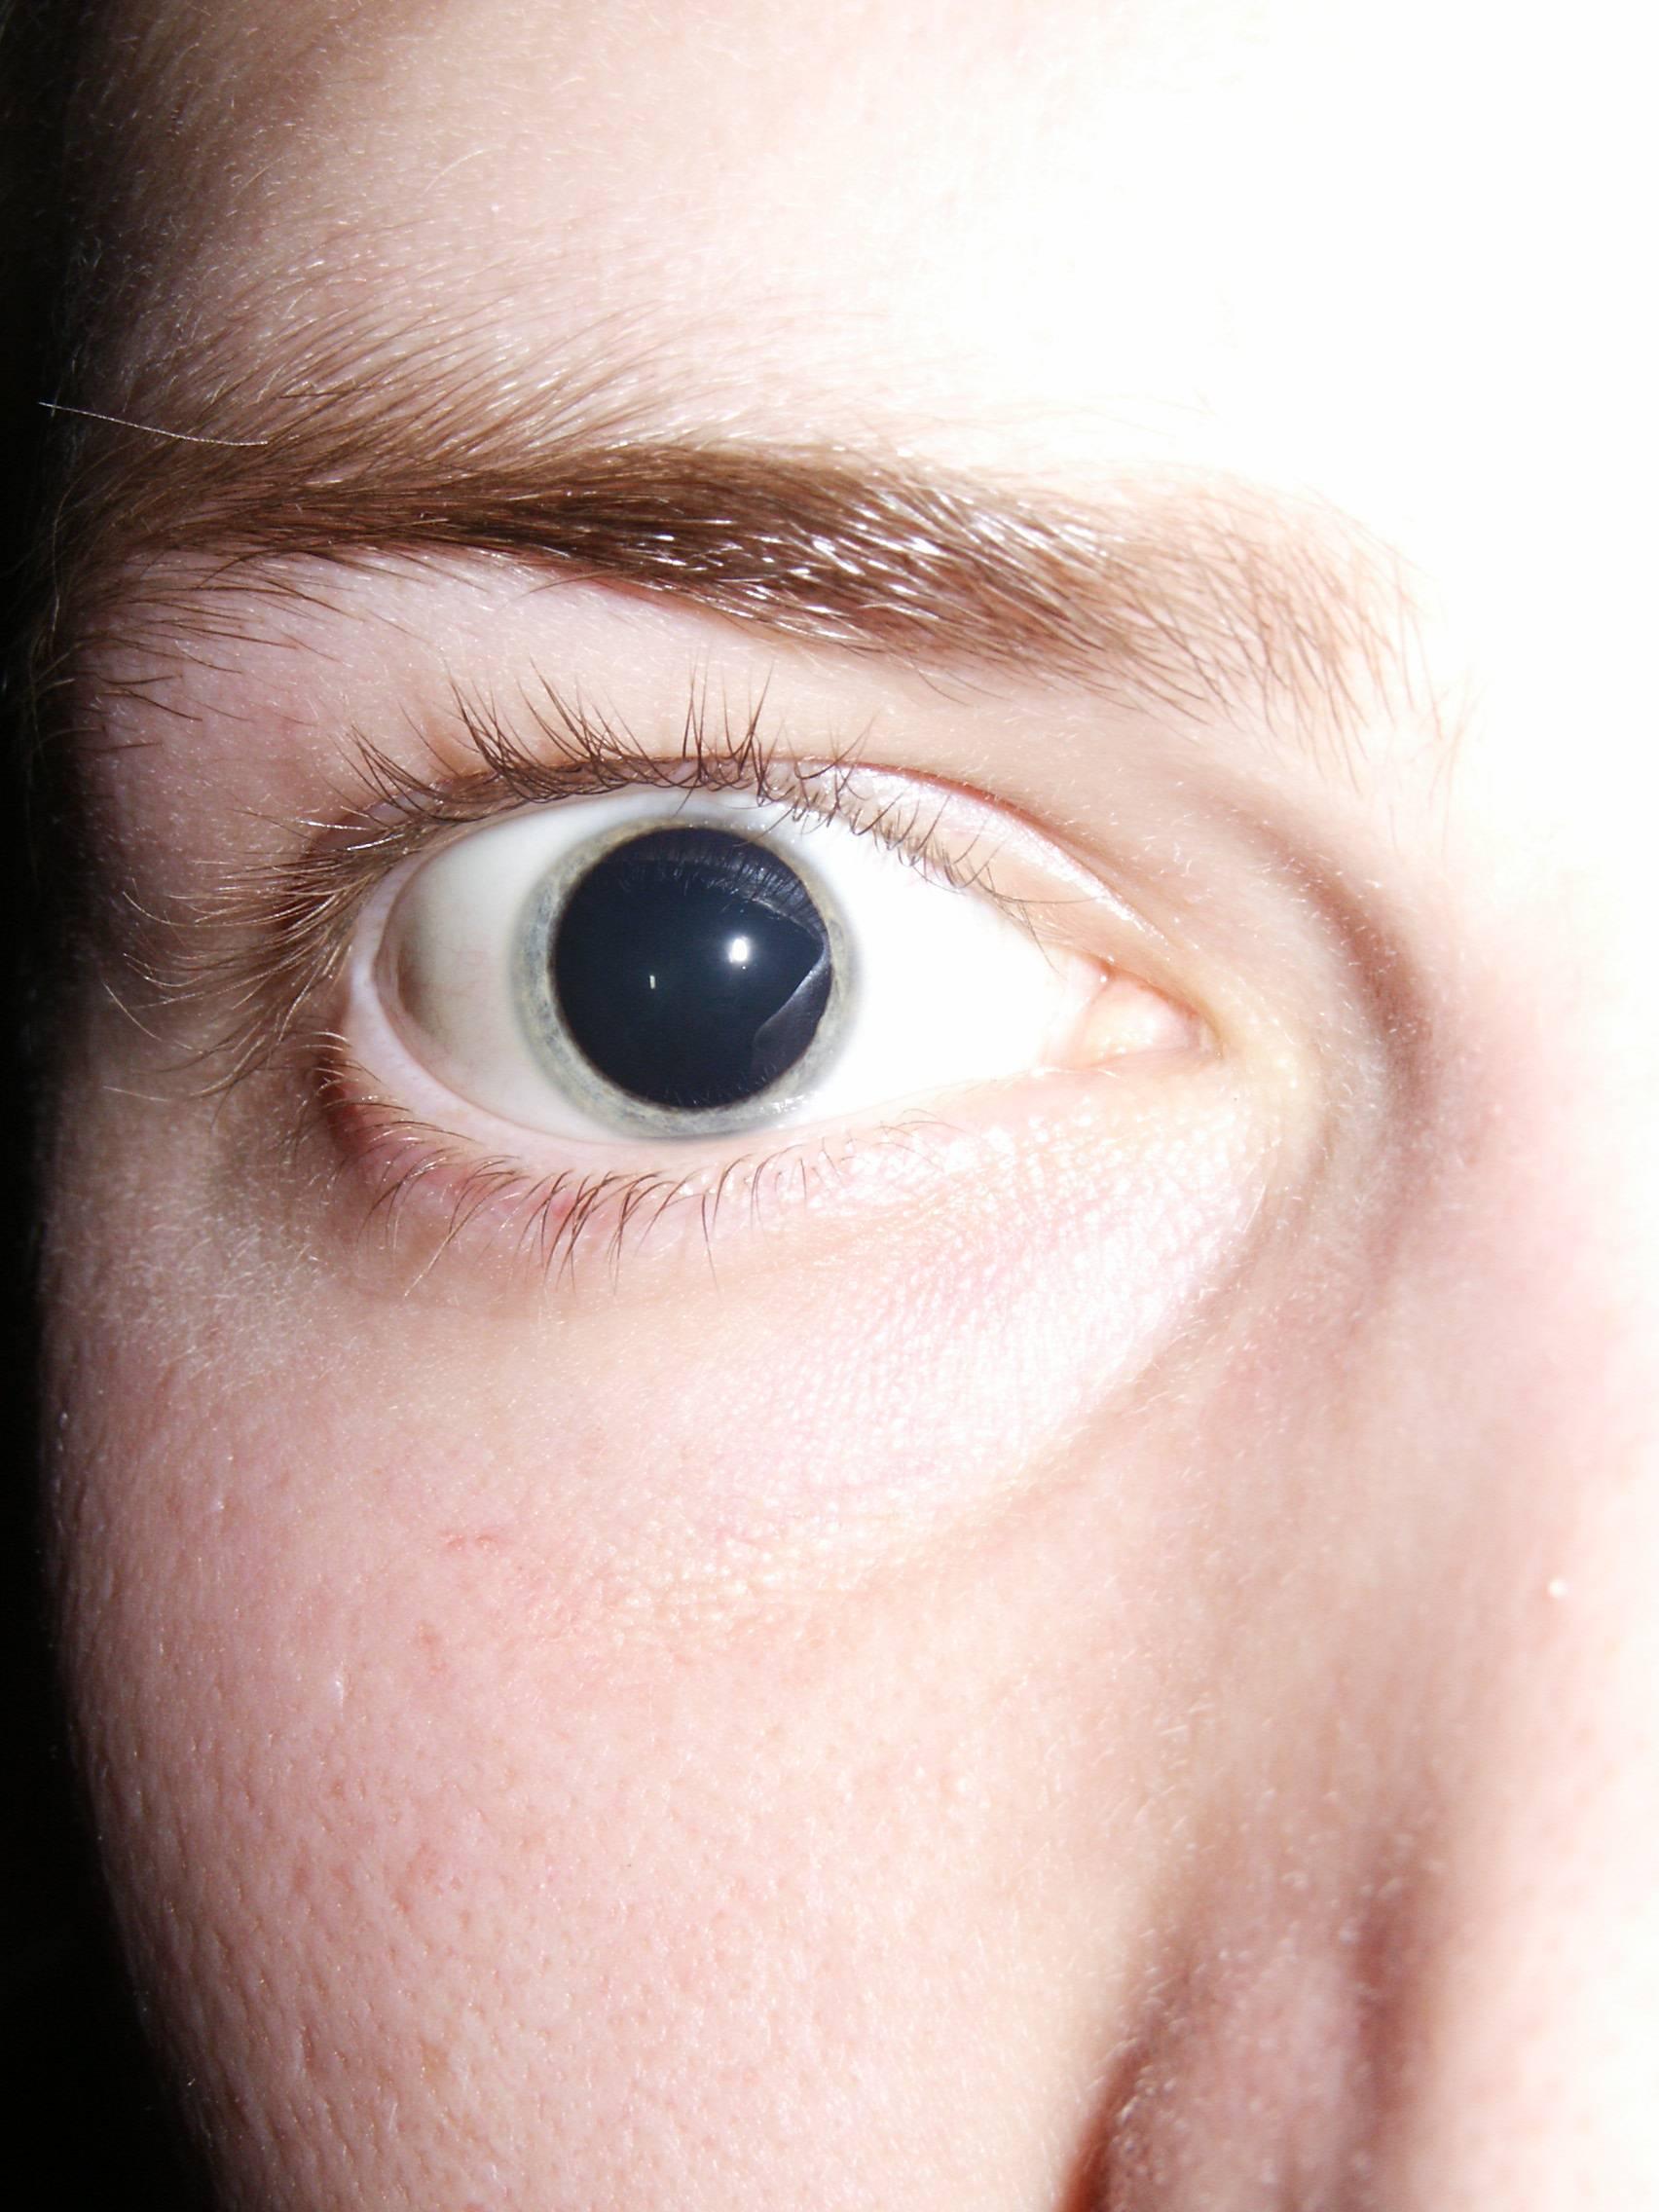 """Мидриаз: причины, симптомы, методы лечения - """"здоровое око"""""""